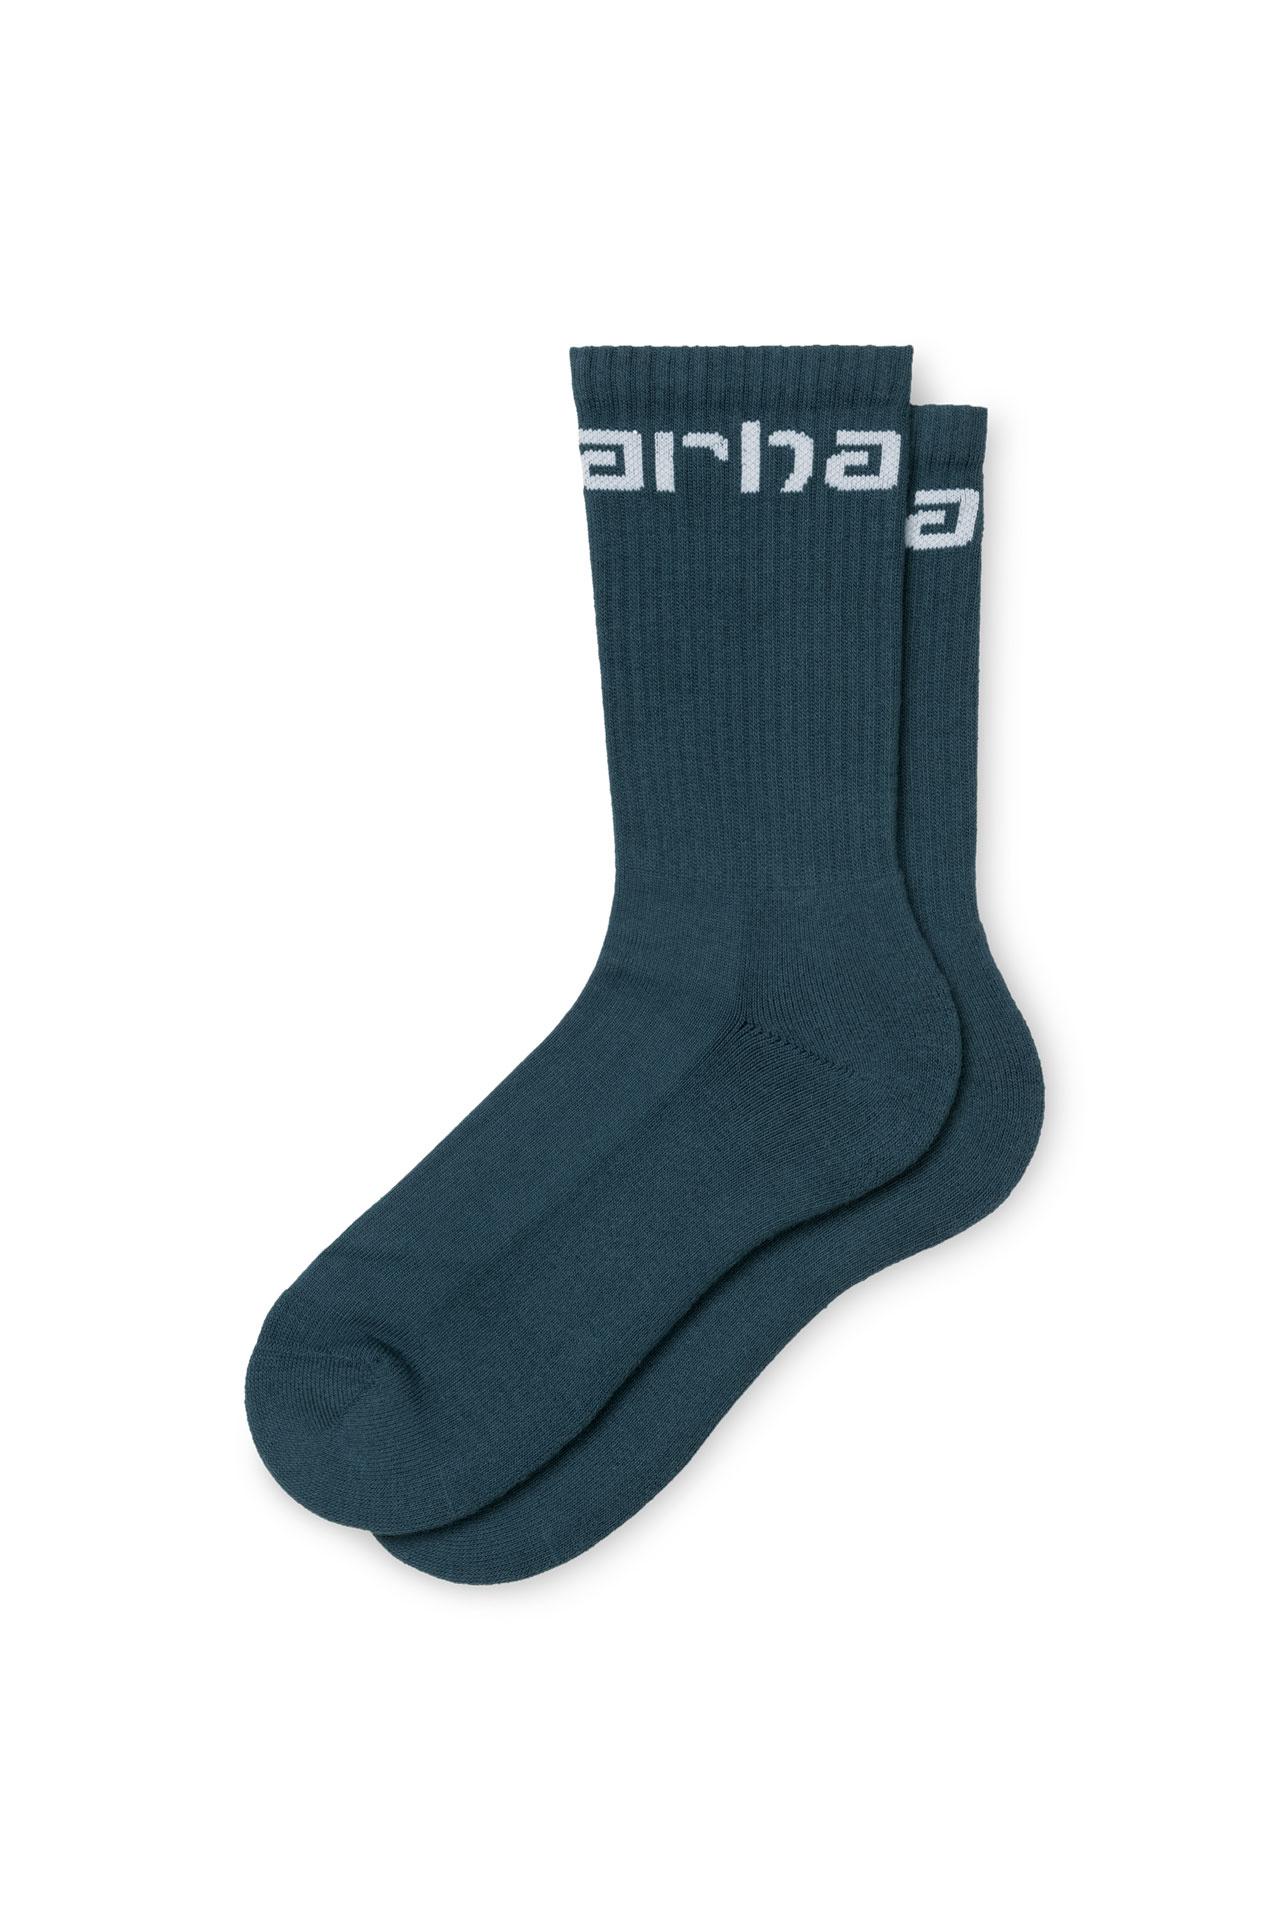 Foto van Carhartt Sokken Carhartt Socks Admiral / White I027705